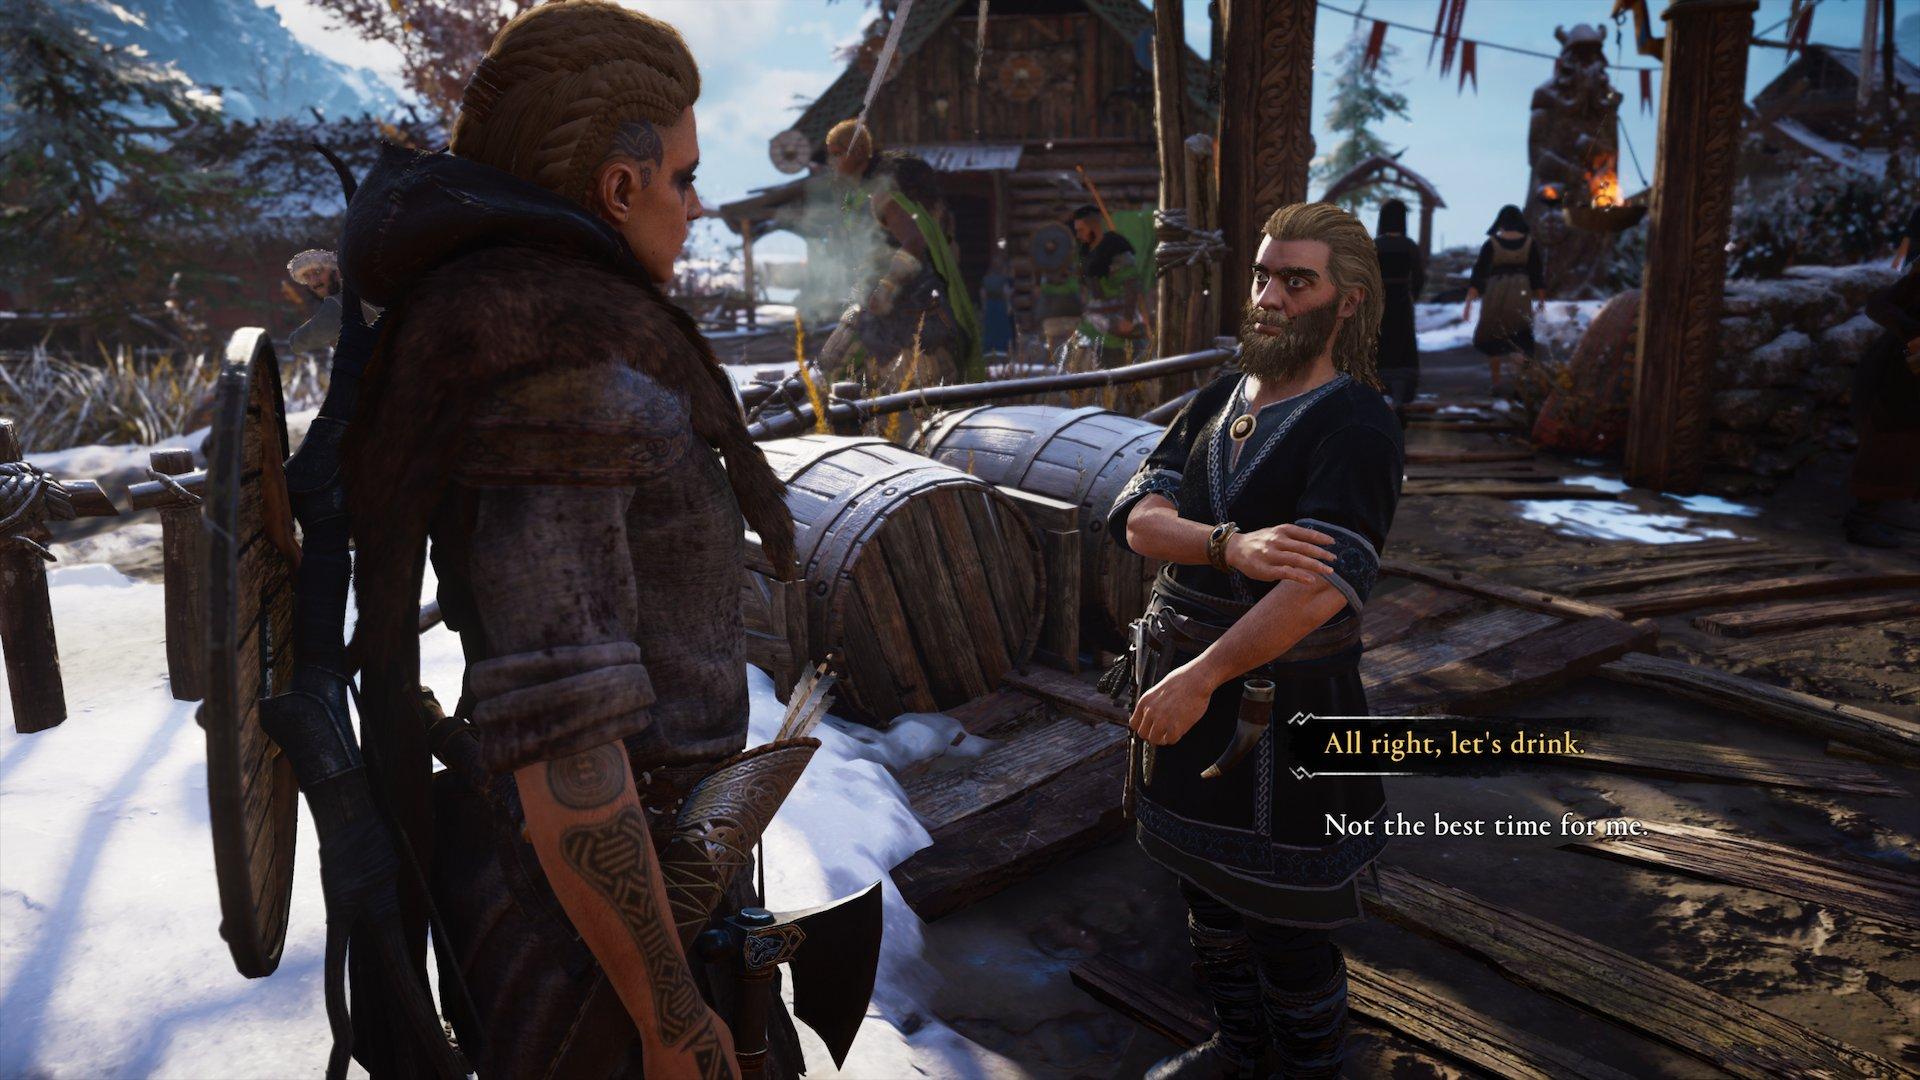 Assassin's Creed Valhalla drinking